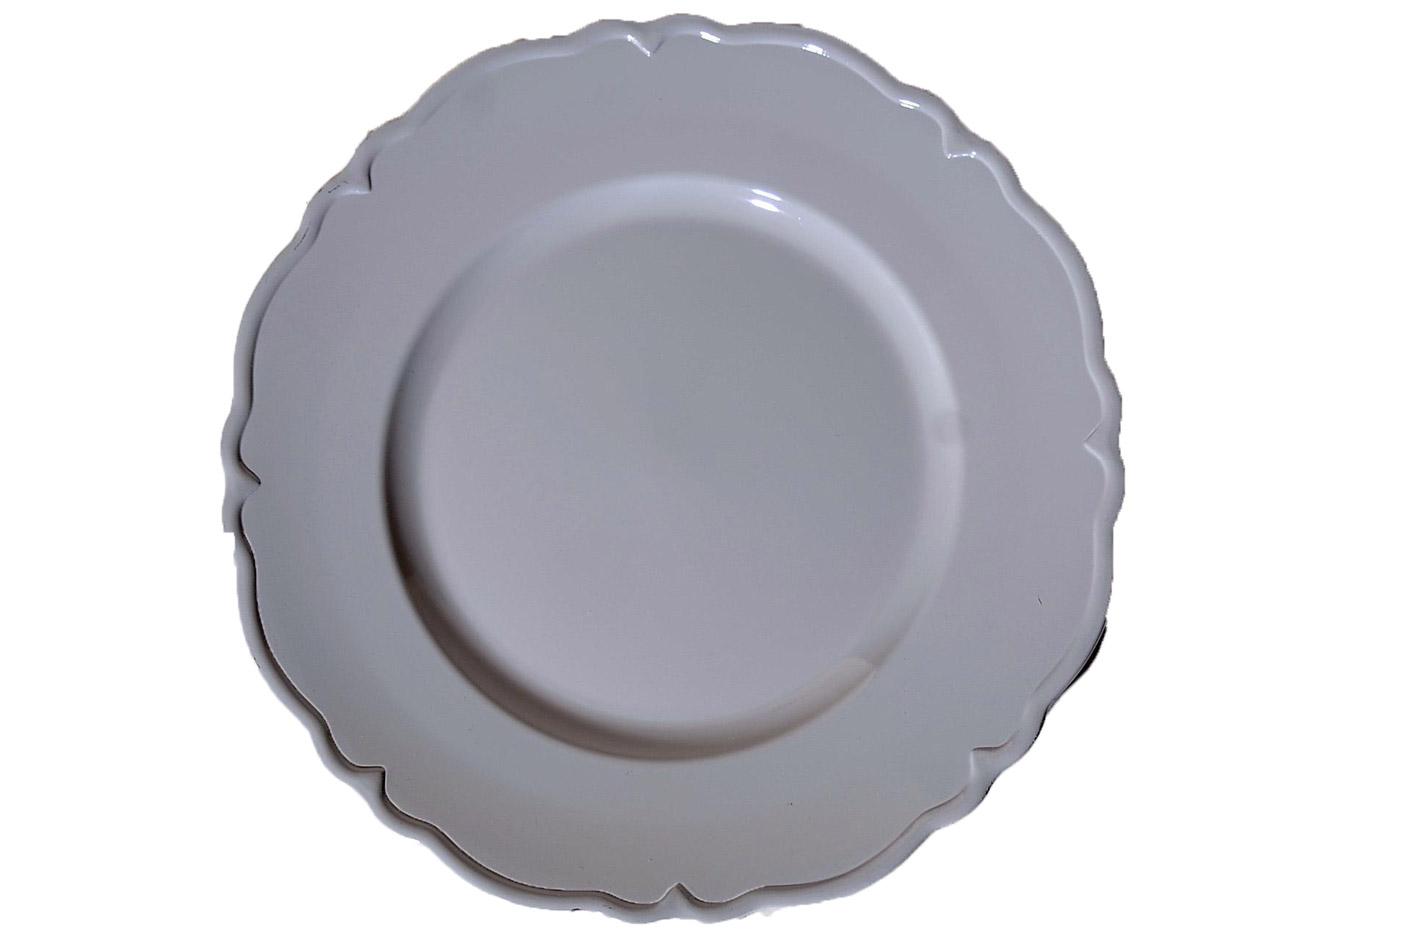 Σουπλά Πιάτου Ακρυλικό Royal Art 39εκ. MAS689 (Υλικό: Ακρυλικό ) – Royal Art Collection – MAS689